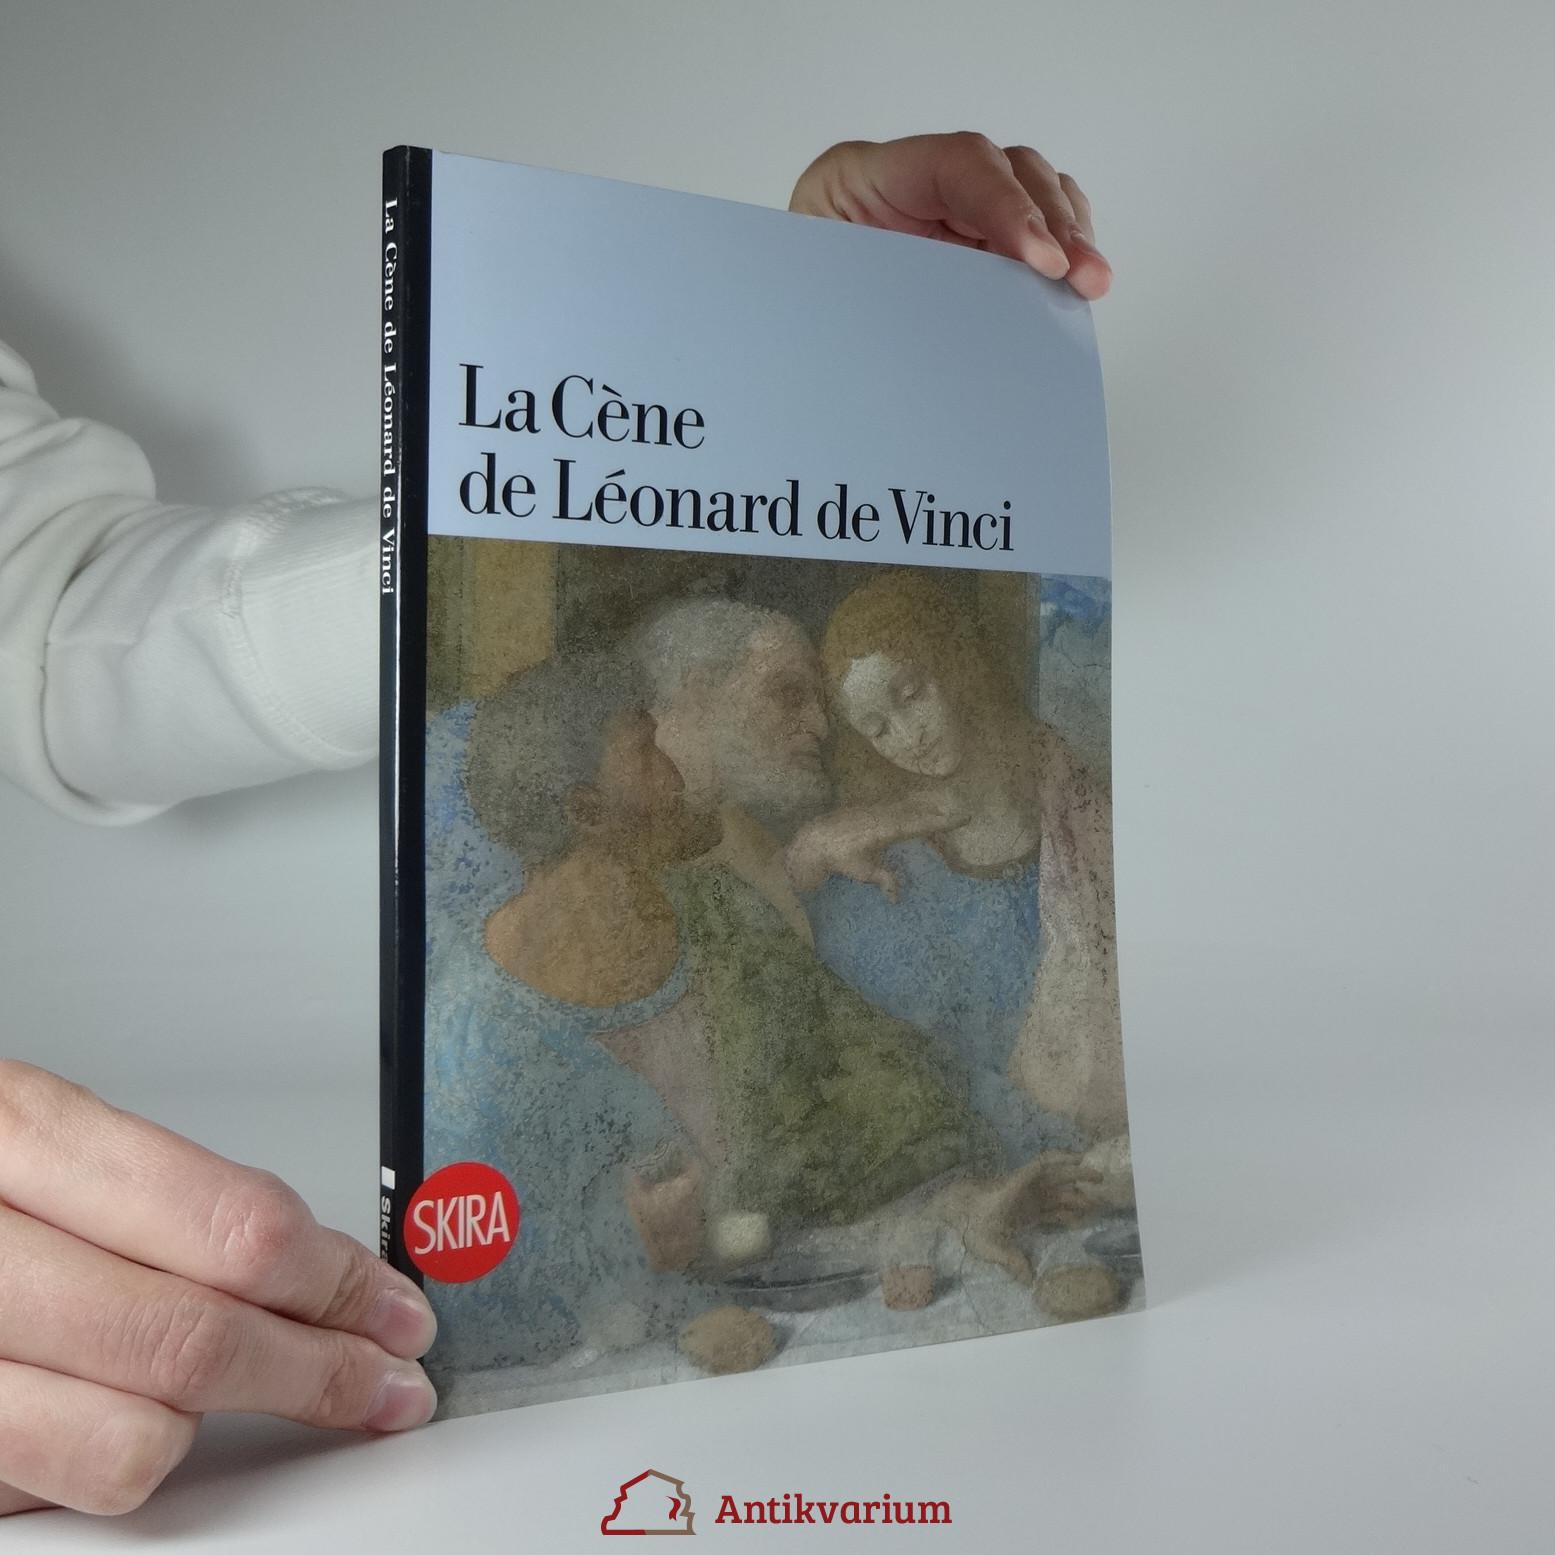 antikvární kniha La Cene de Léonard de Vinci, 2009